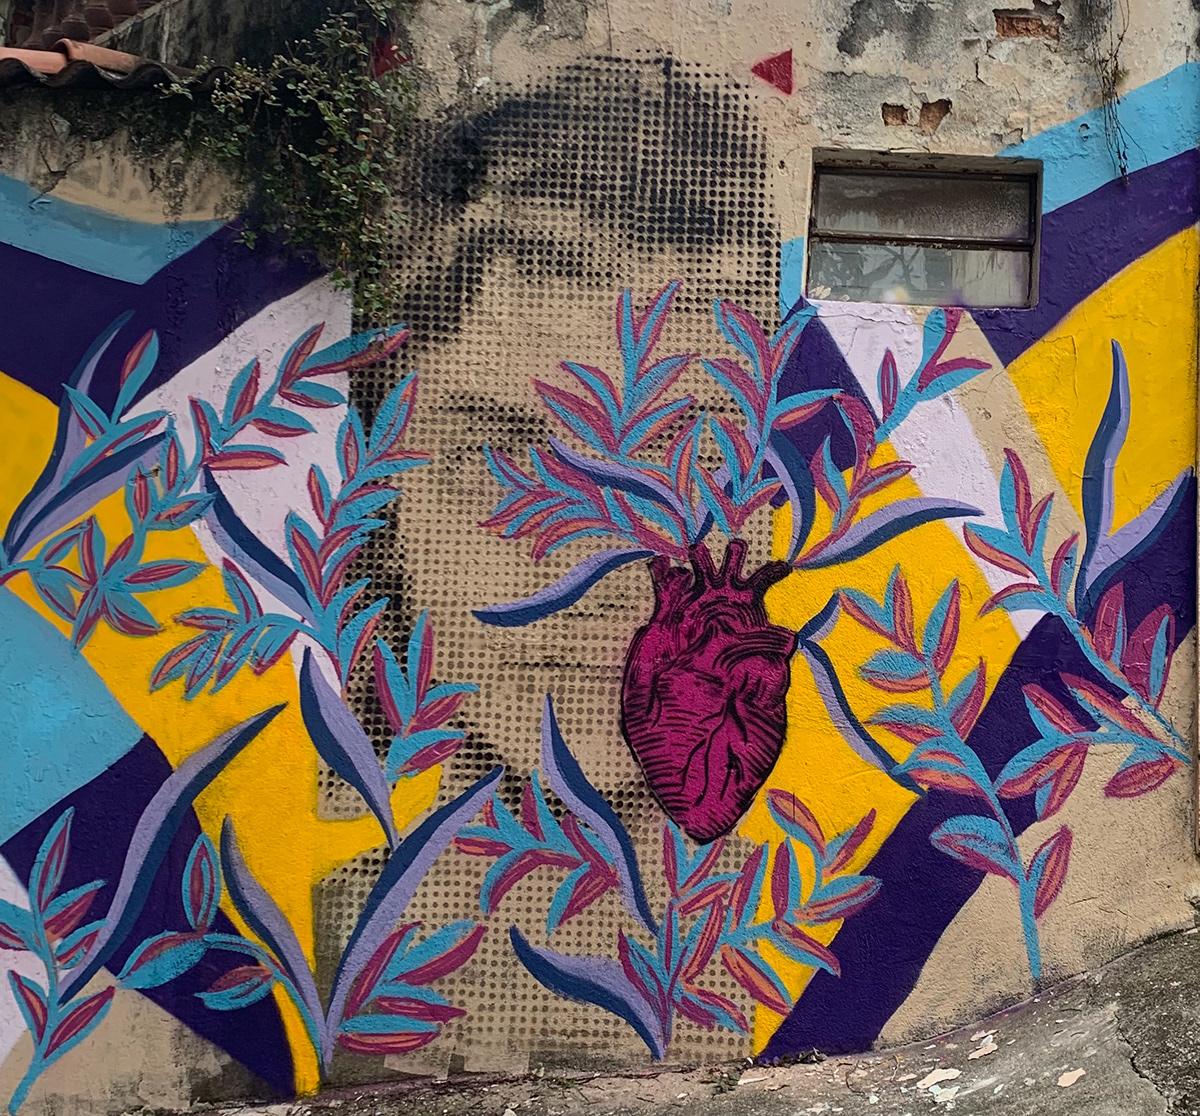 Image may contain: abstract, graffiti and drawing